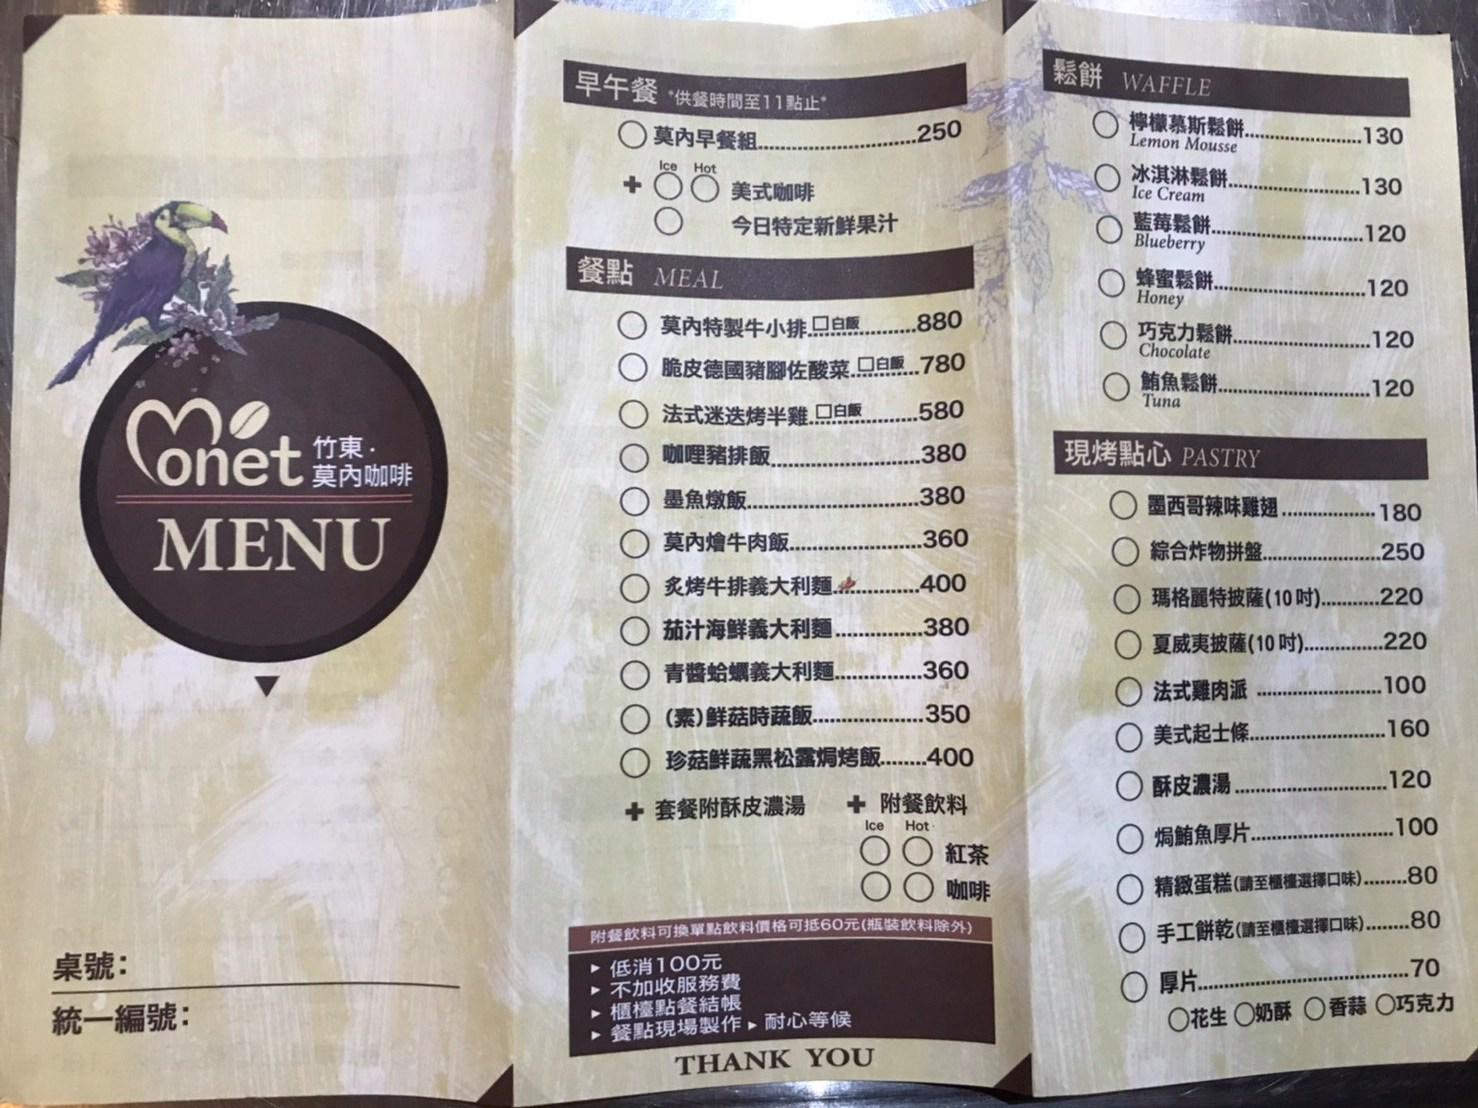 竹東莫內咖啡_MENU2